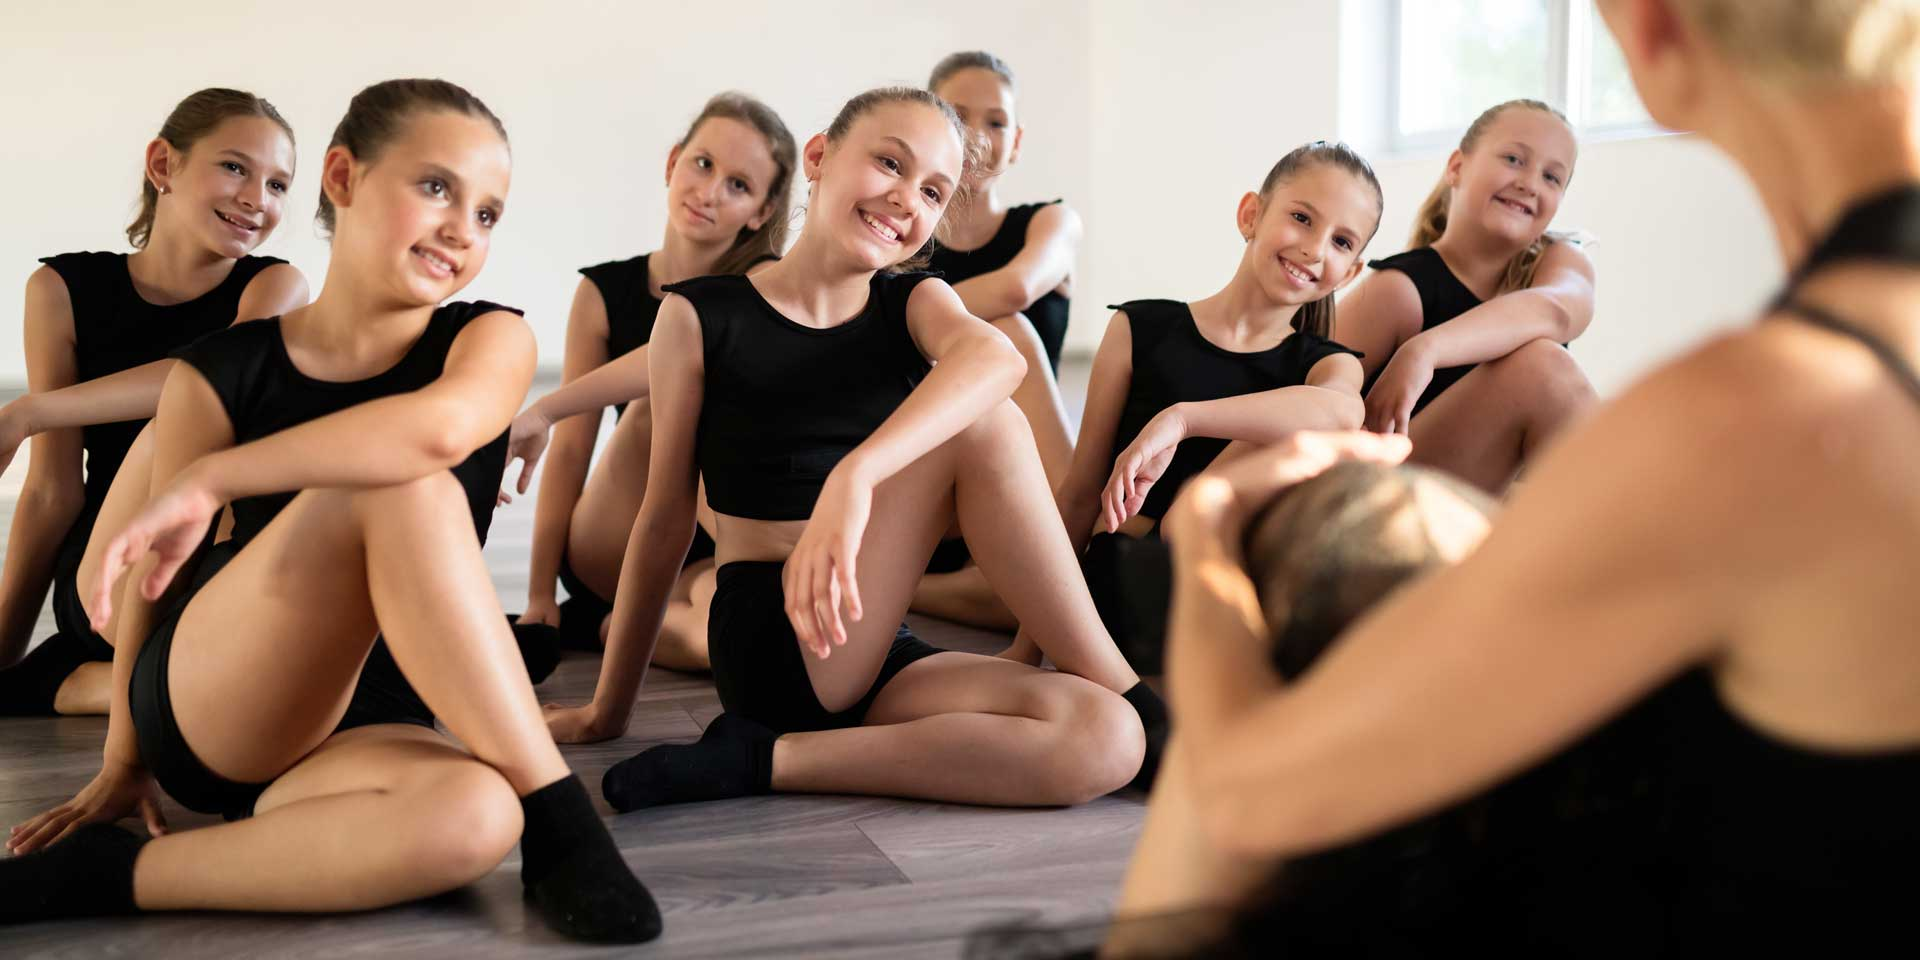 eck alapfokú művészeti oktatás balett